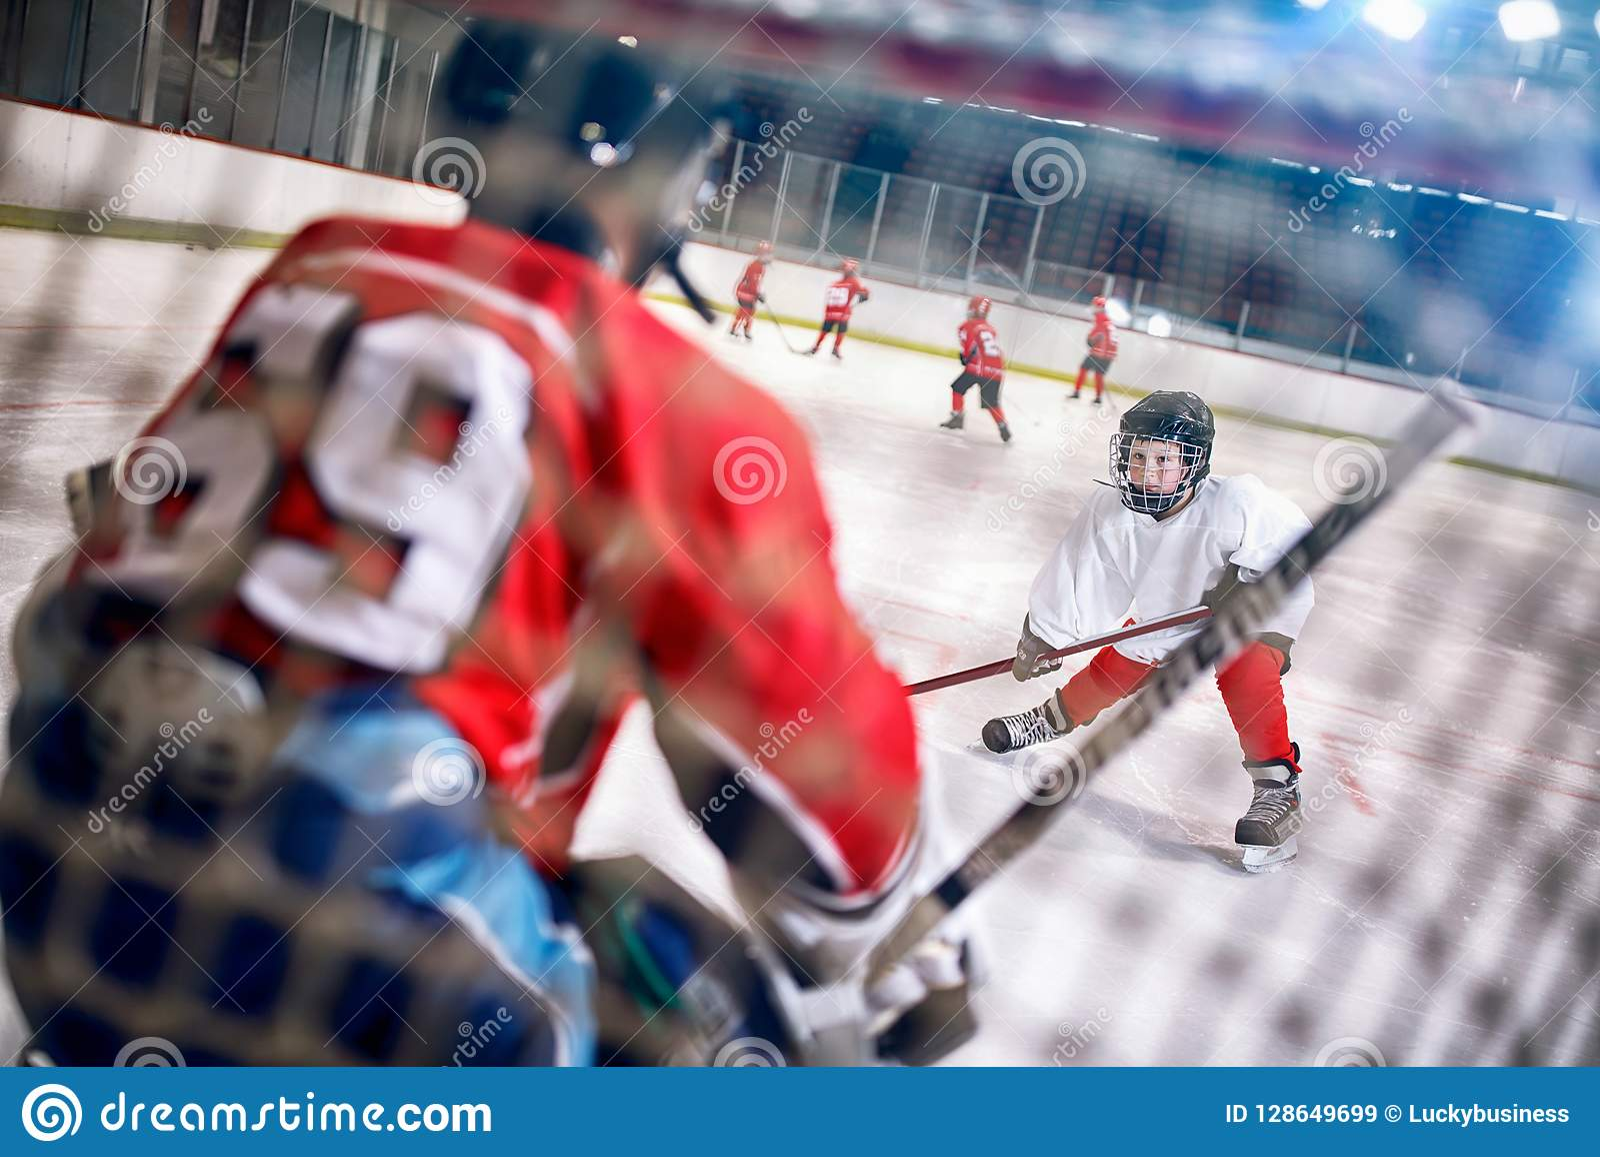 Hockeymatch am Eisbahnenspieler greift Torhüter an